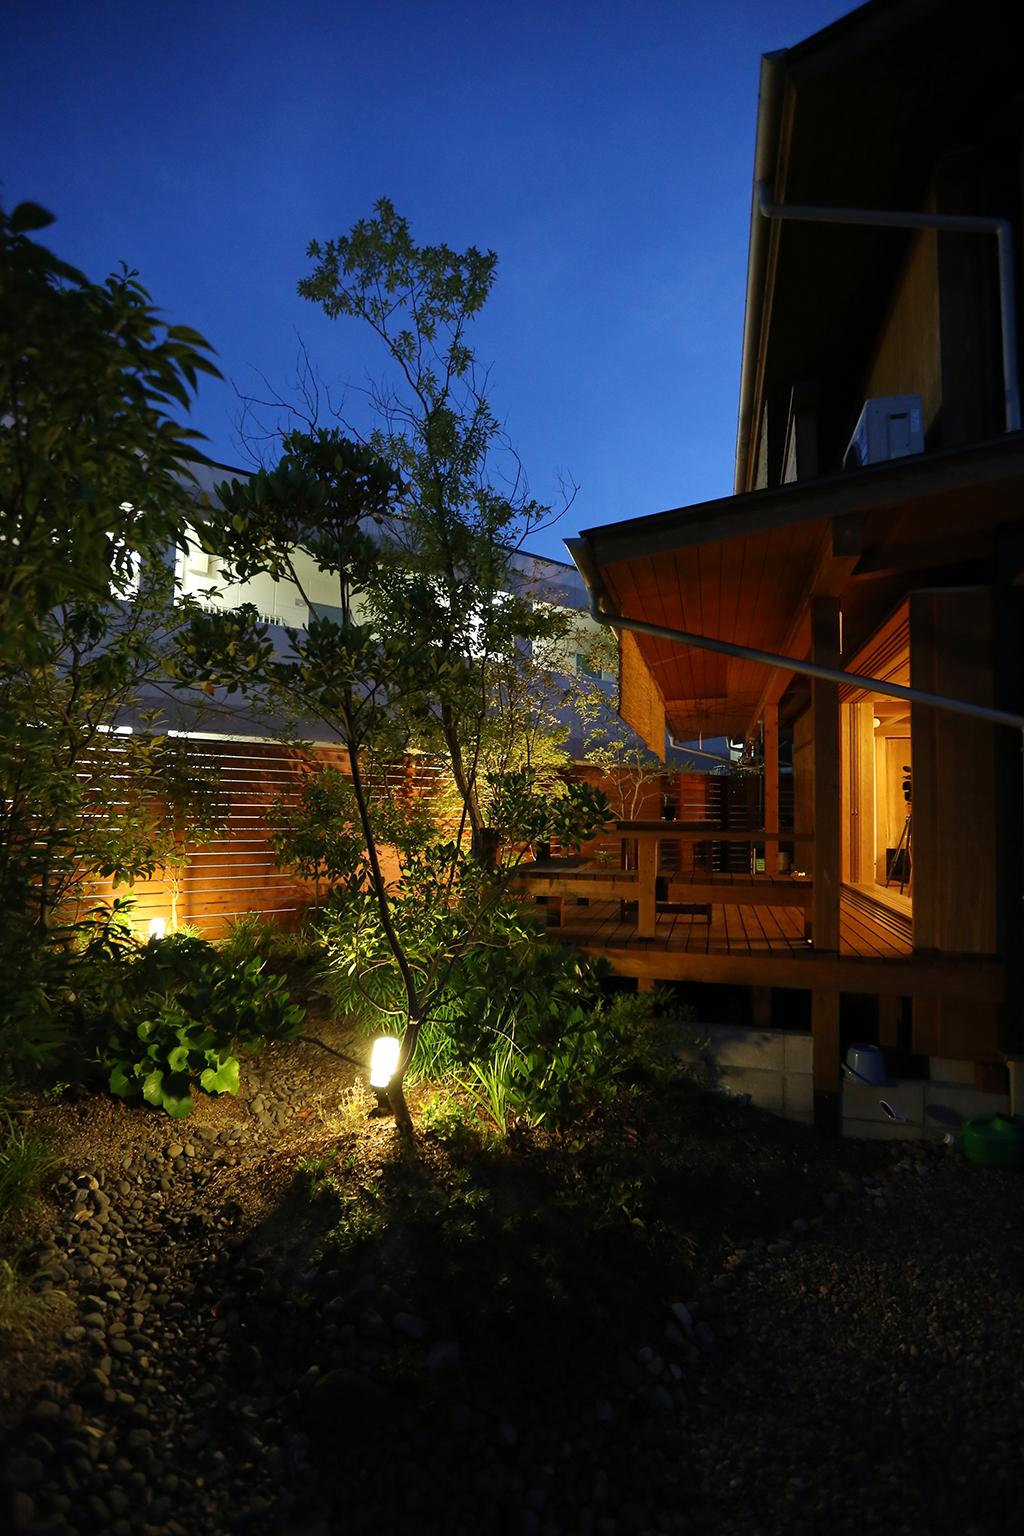 姫路市の木の家 ライトアップされた庭